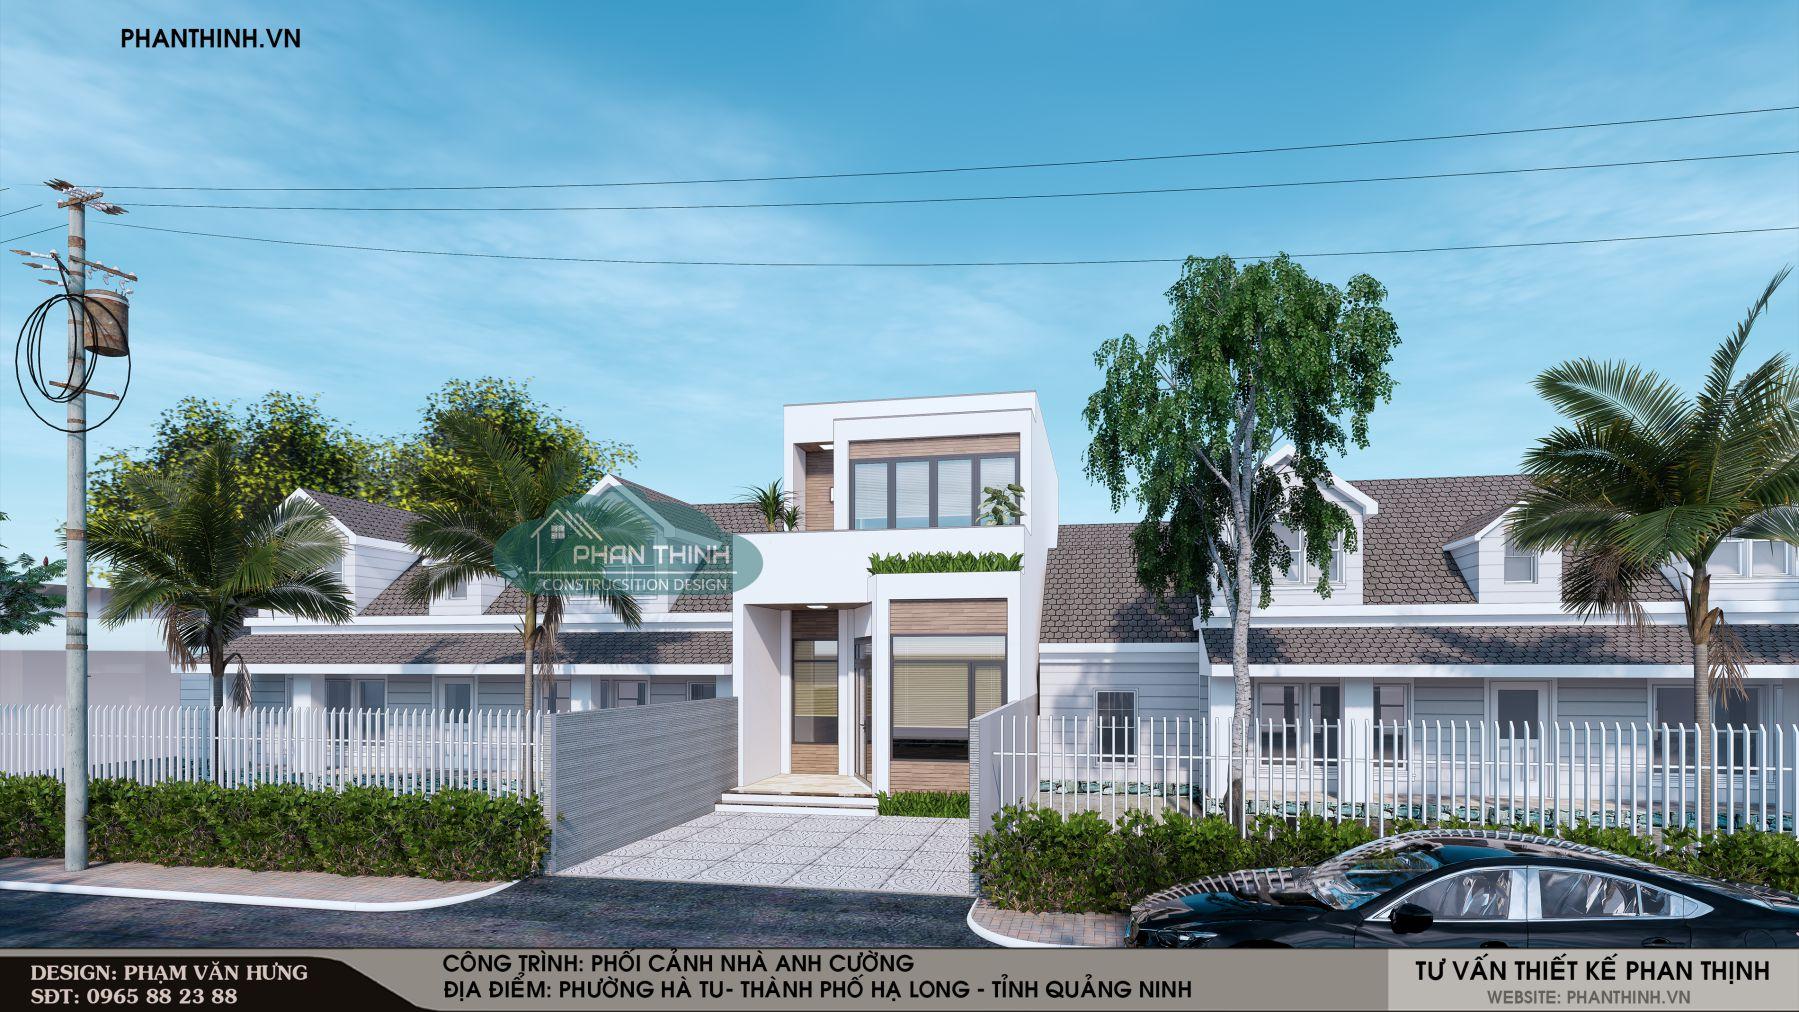 Phối cảnh thiết kế xây dựng nhà 2 tầng hiện đại ở Quảng Ninh, mẫu nhà 5,5x13m